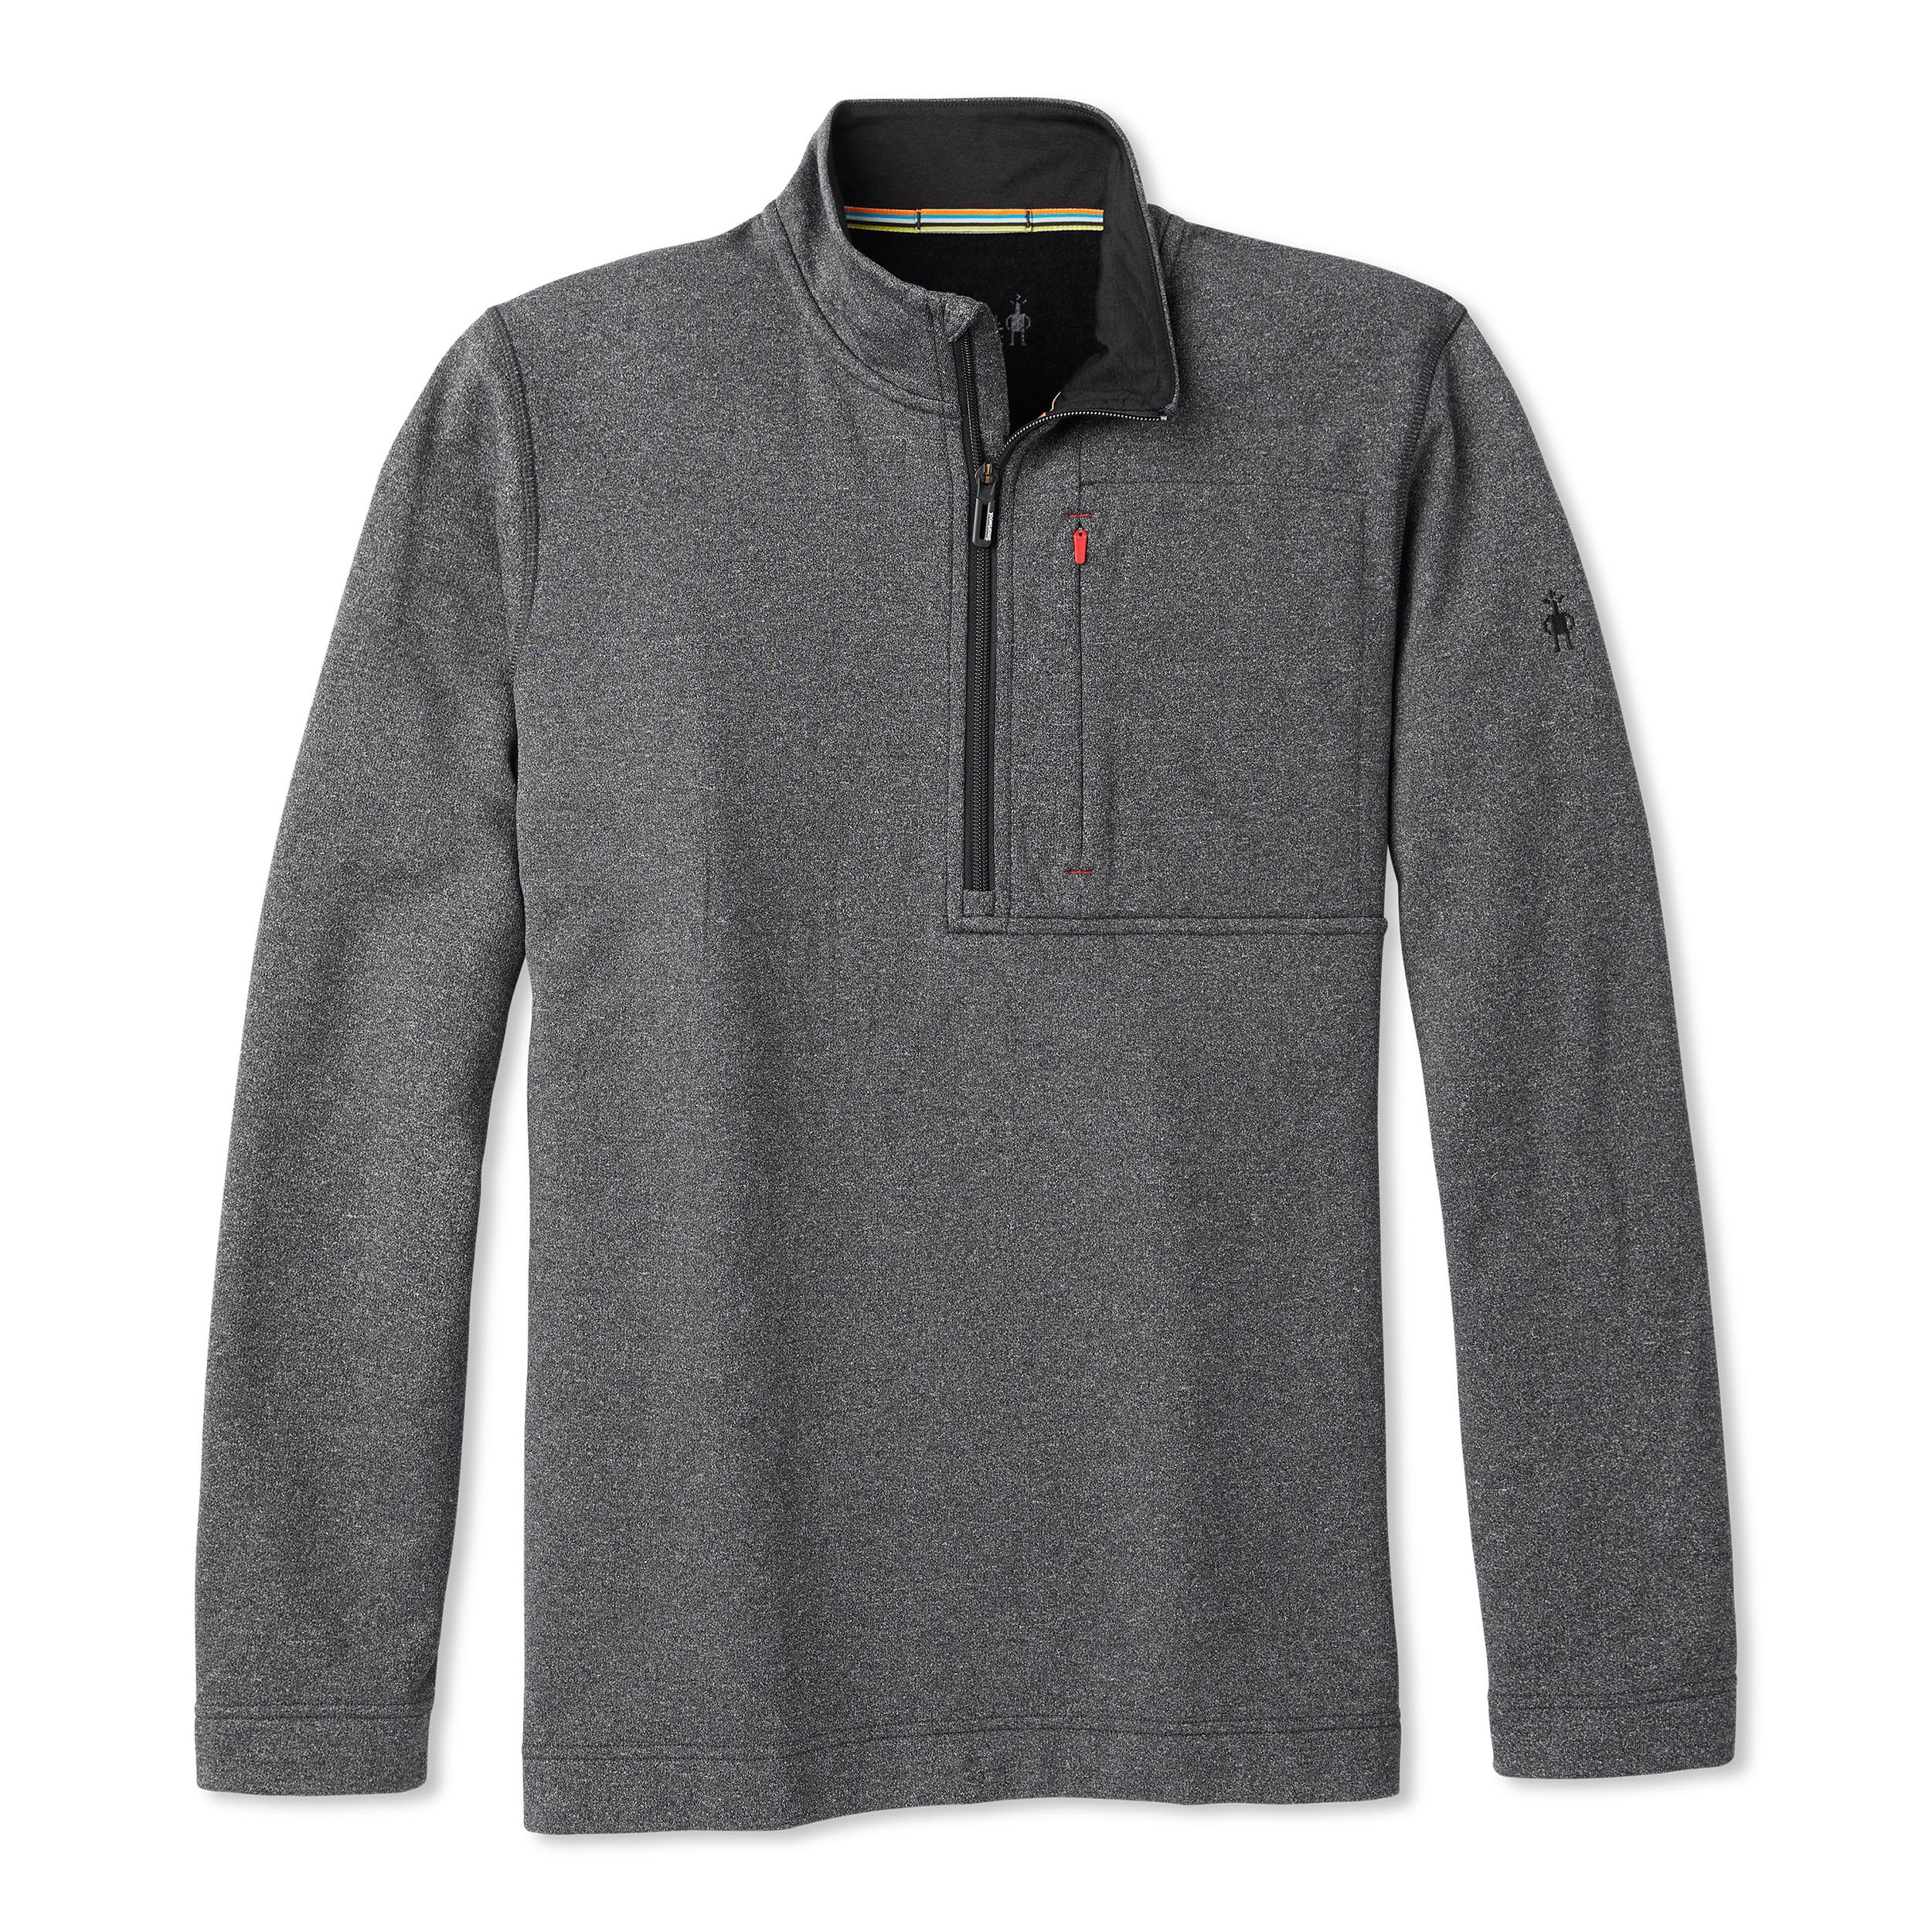 c1302c7fe Smartwool Merino Sport Fleece 1/2 Zip Top - Men's | MEC